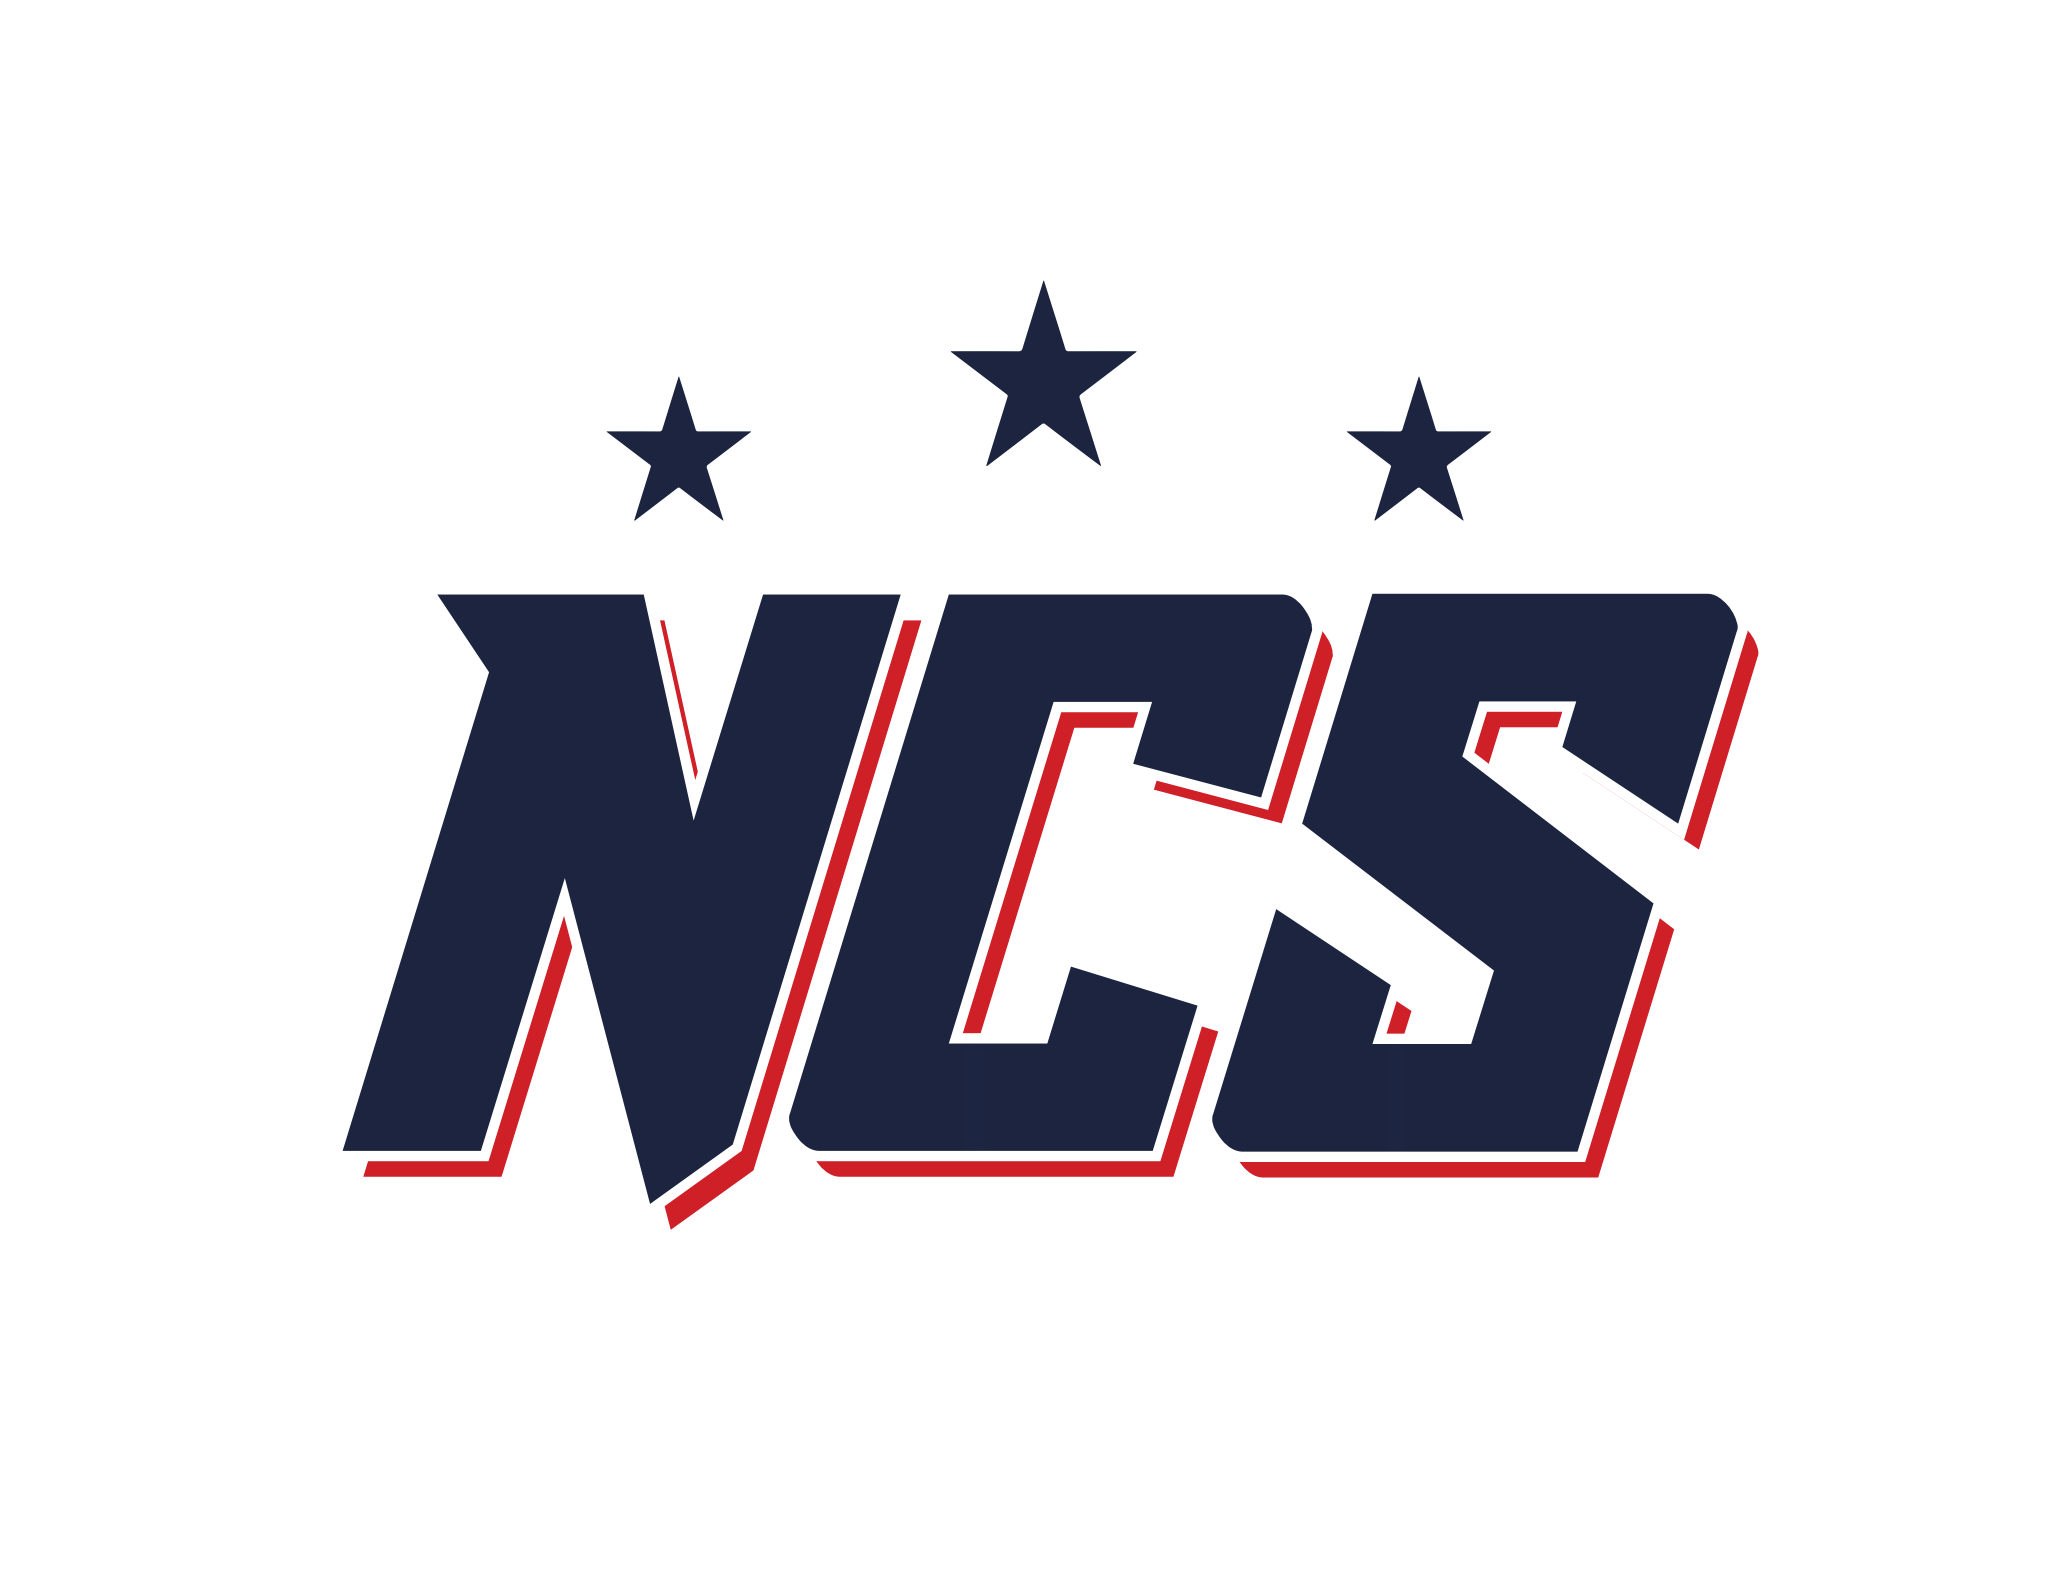 NCS 60:90 13U Logo